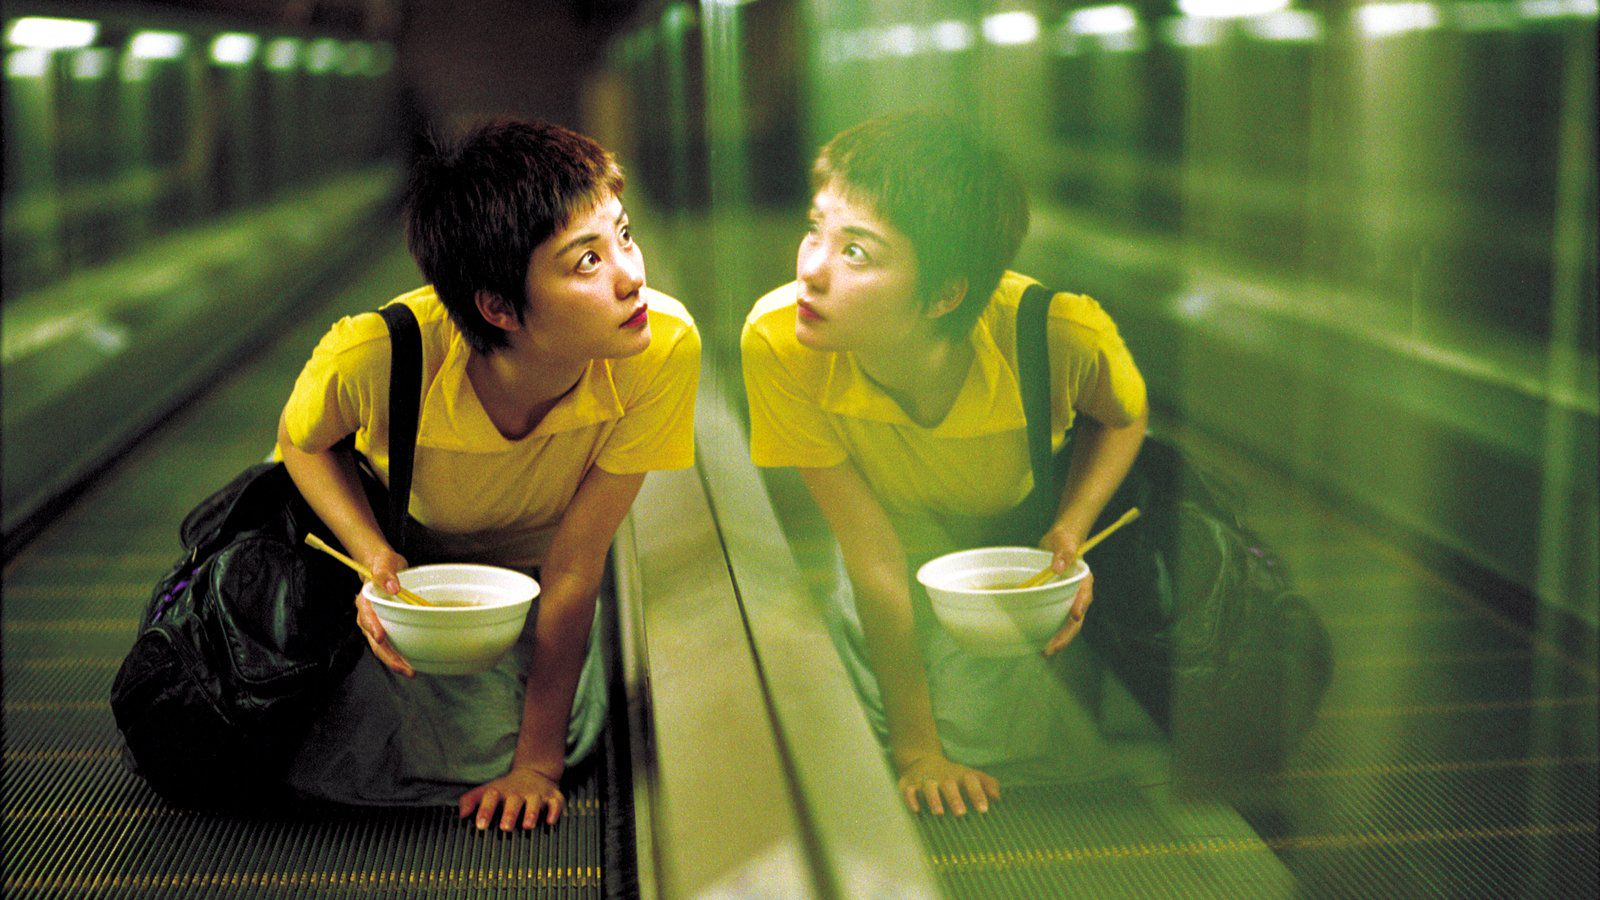 Показ фильма «Чунгкингский экспресс» в летнем кинотеатре Garage Screen фото 1